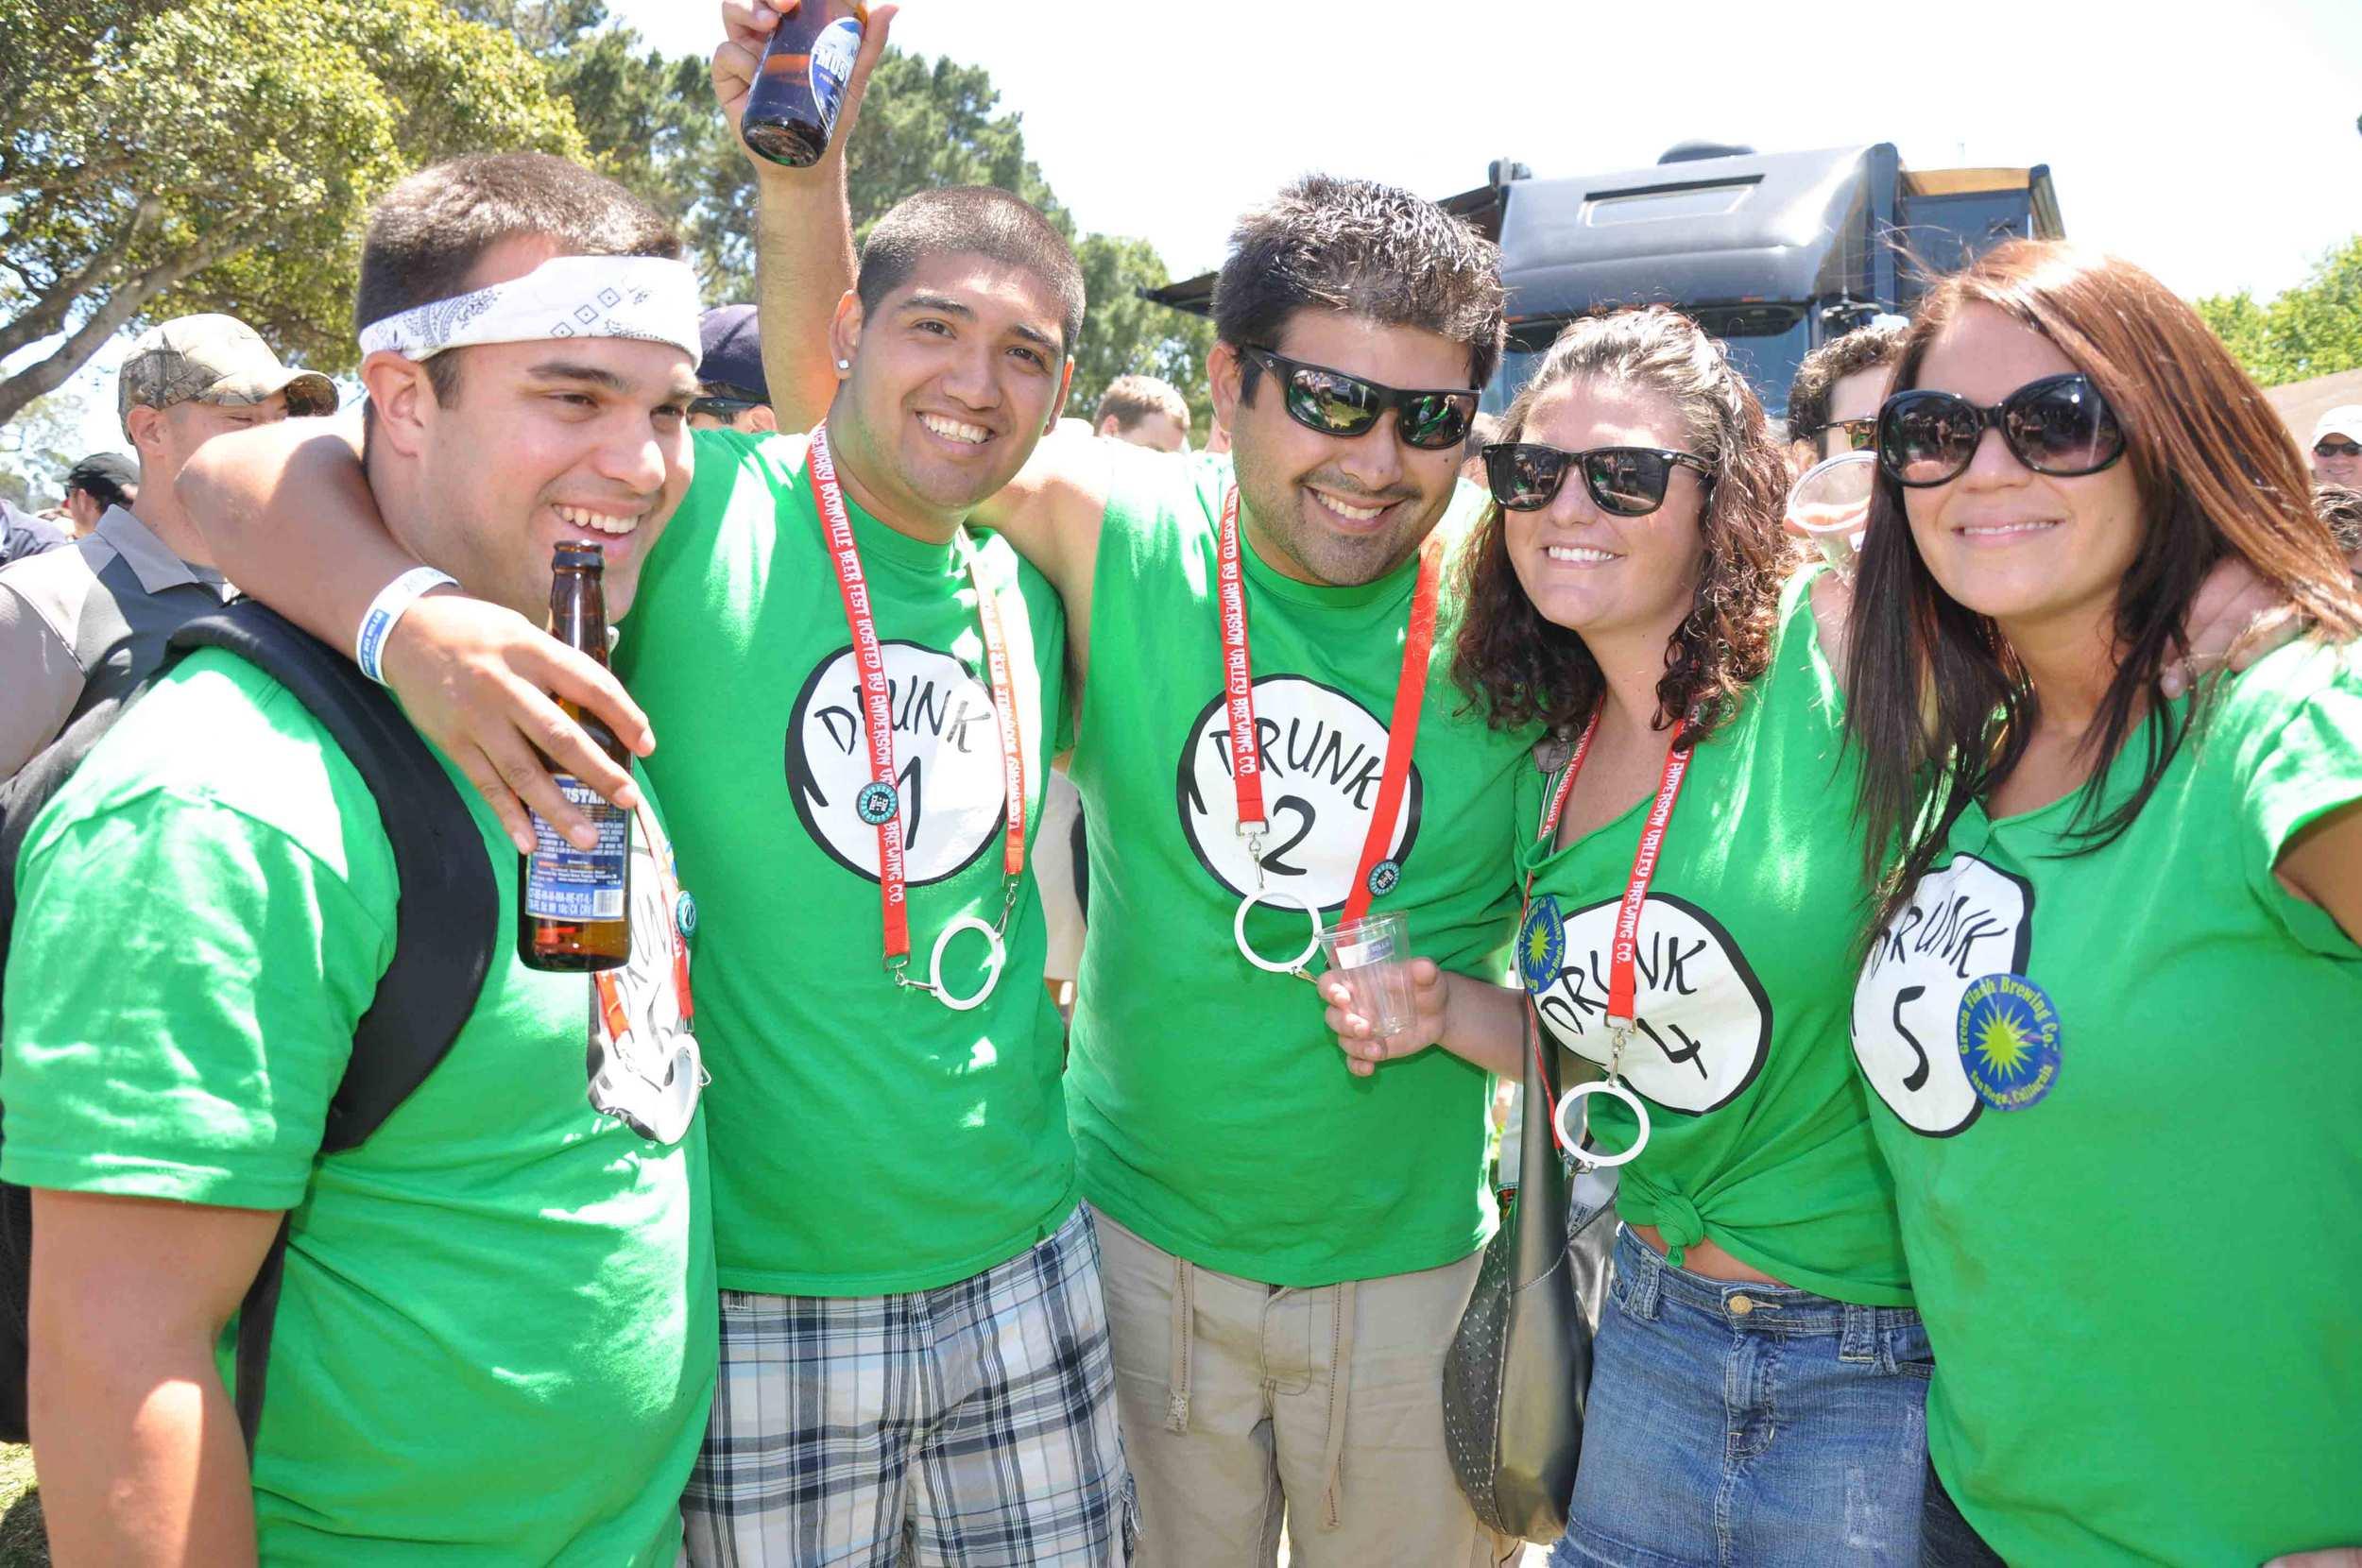 greenshirts.jpg